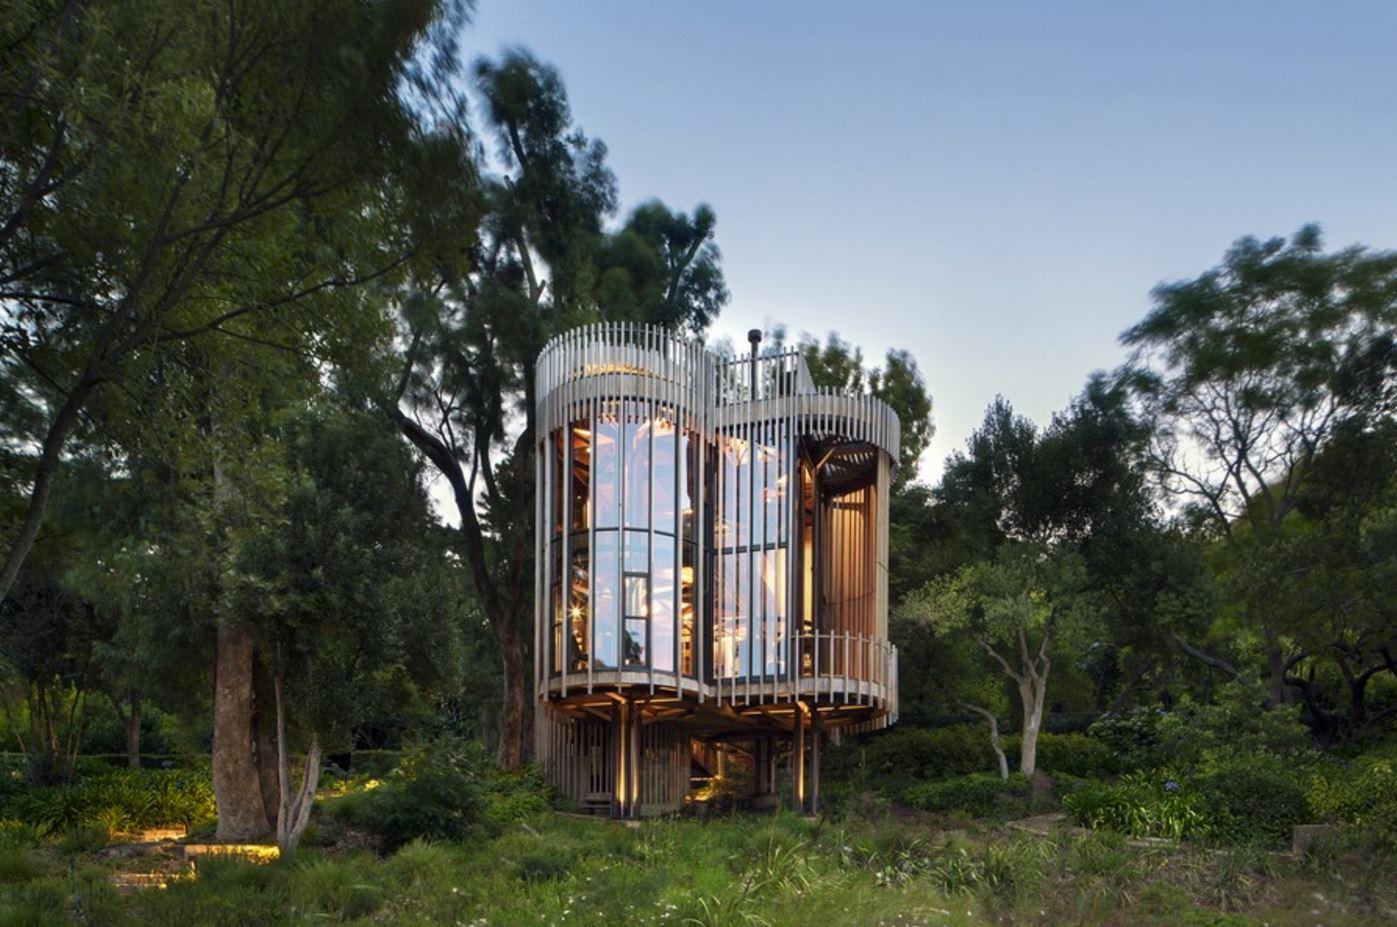 diseños de casas del arbol para niños